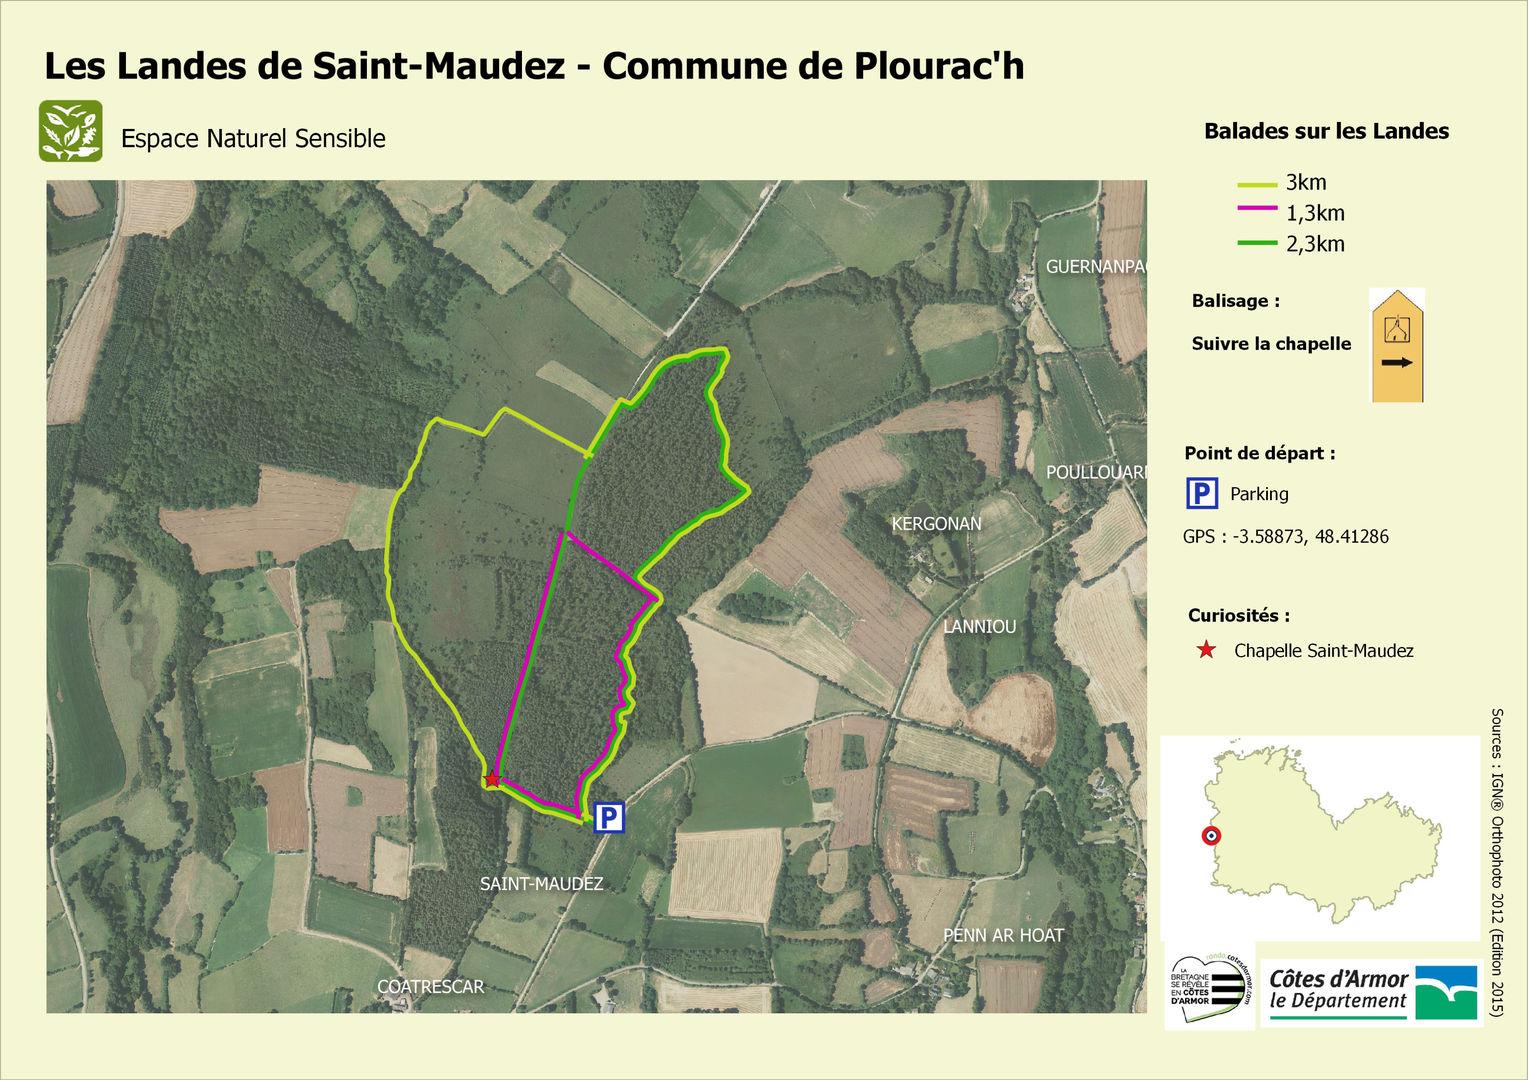 Carte ENS Site Landes de St-Maudez -Plourac'h